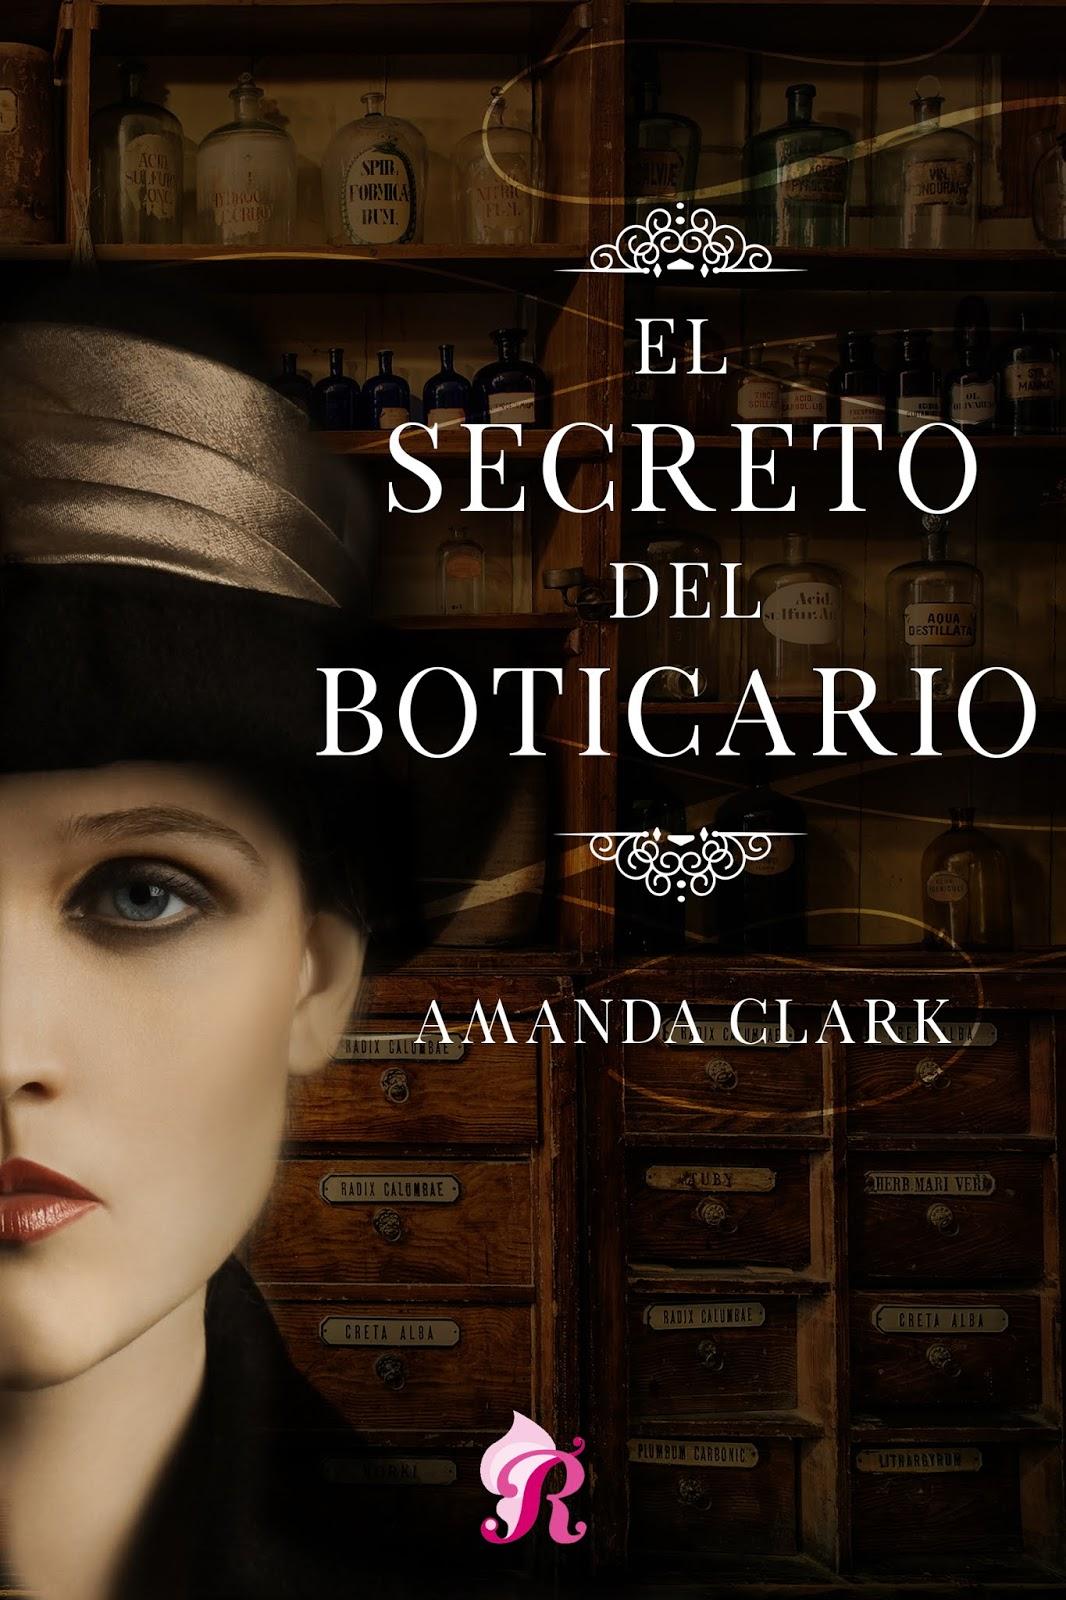 El secreto del boticario de Amanda Clark